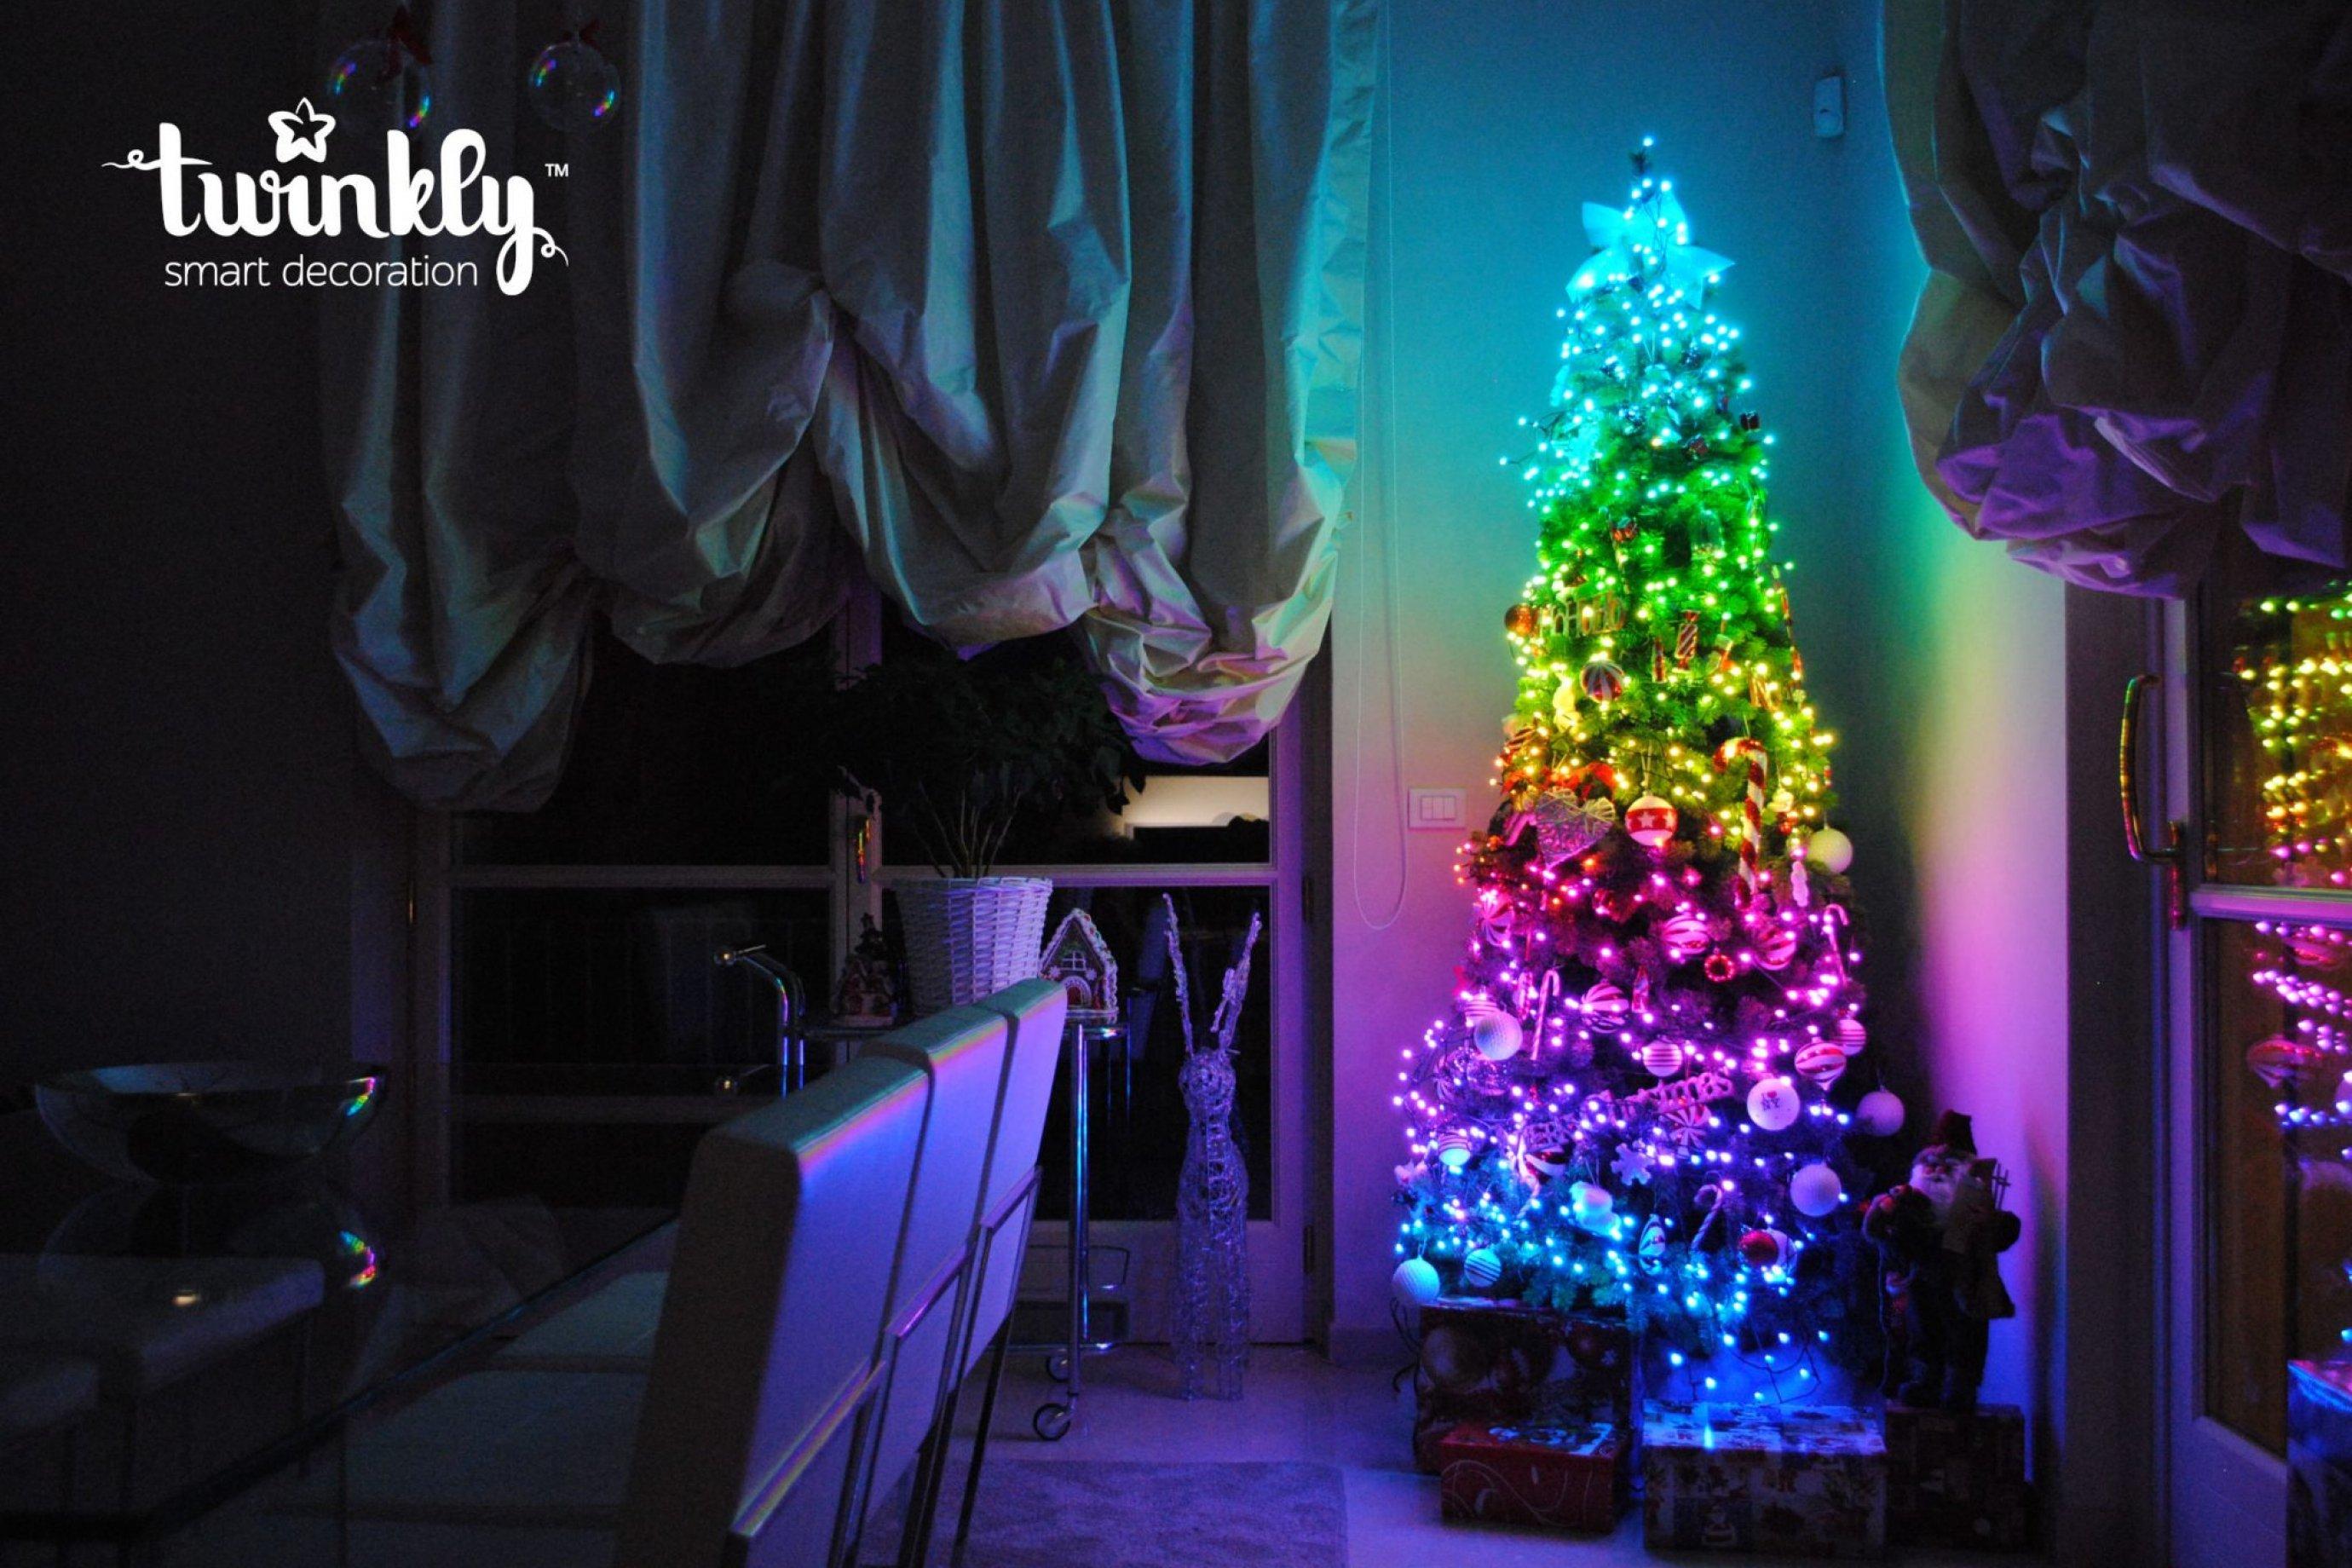 om de verlichting nog langer te maken daarnaast kun je deze ook als muur uitvoering terugvinden en kun je zelfs kerstbomen of decoratieproducten zoals